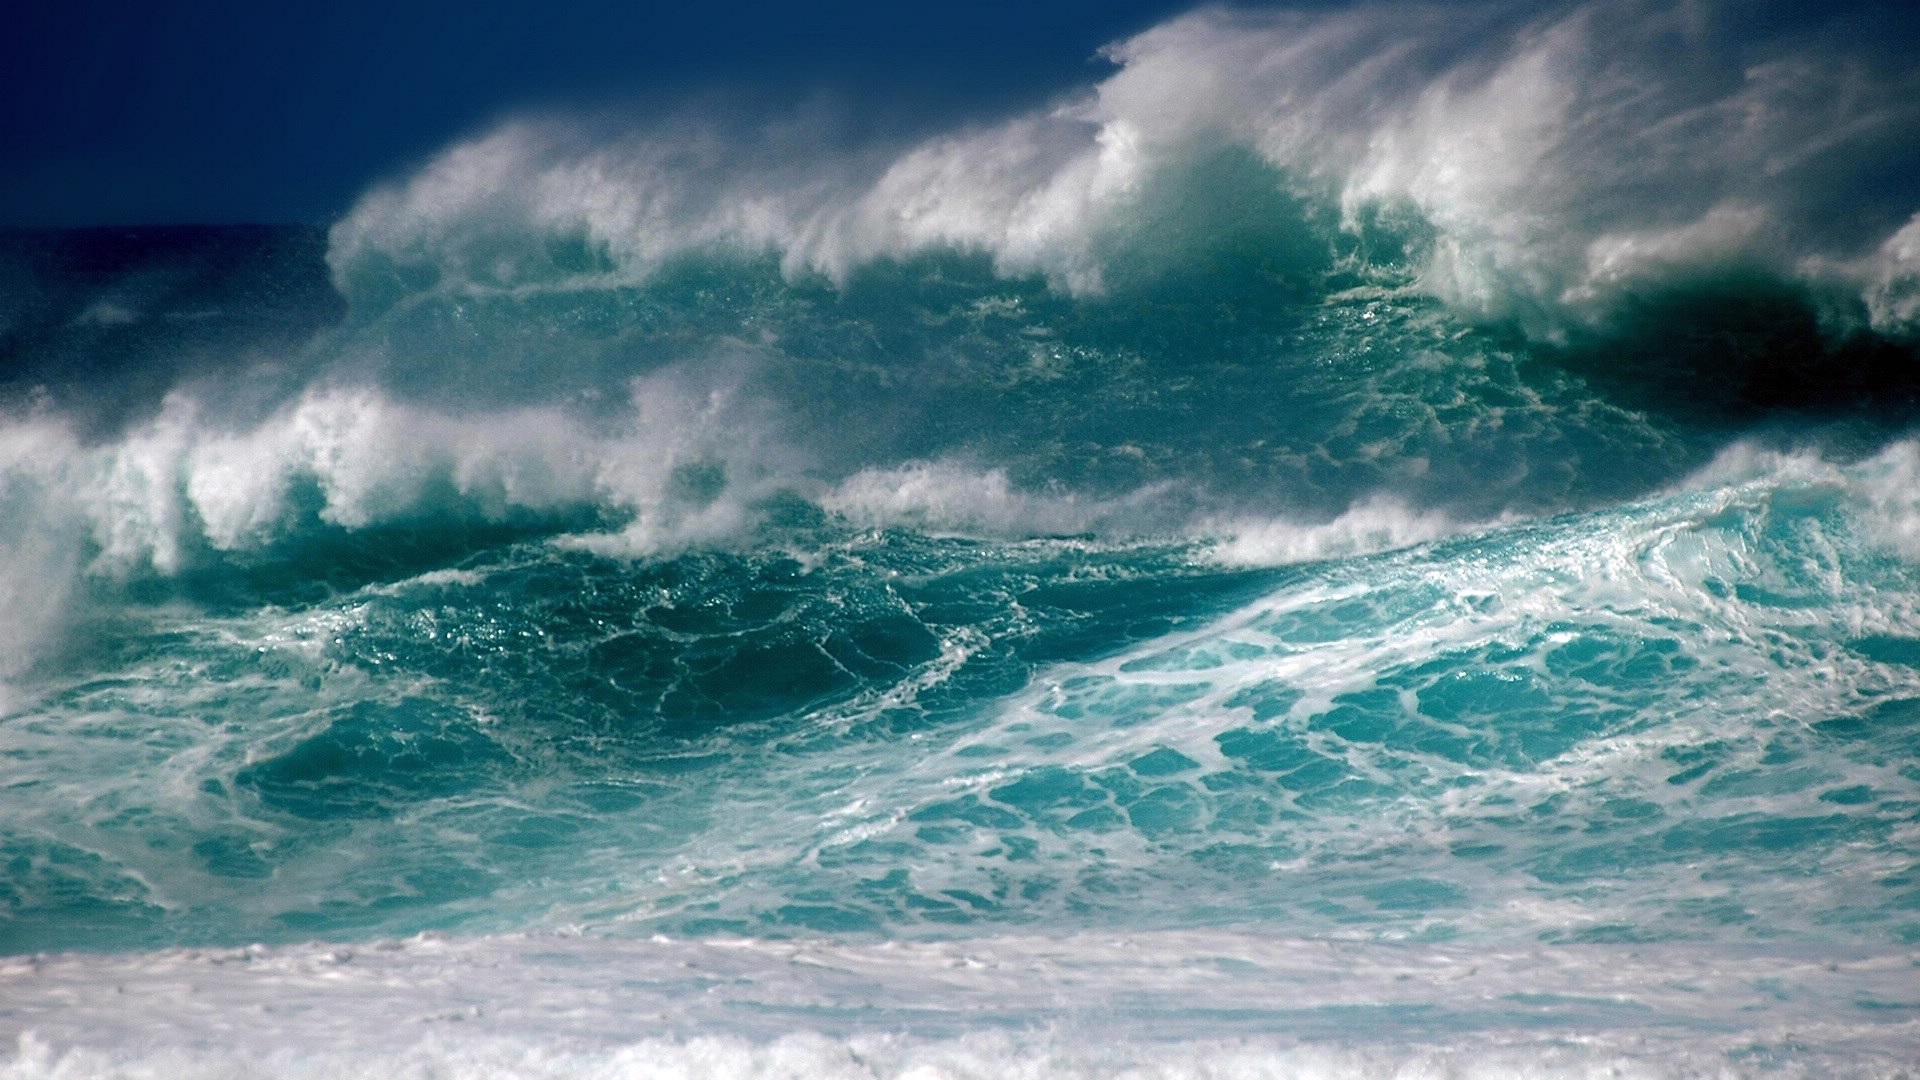 The Wave Desktop Wallpaper